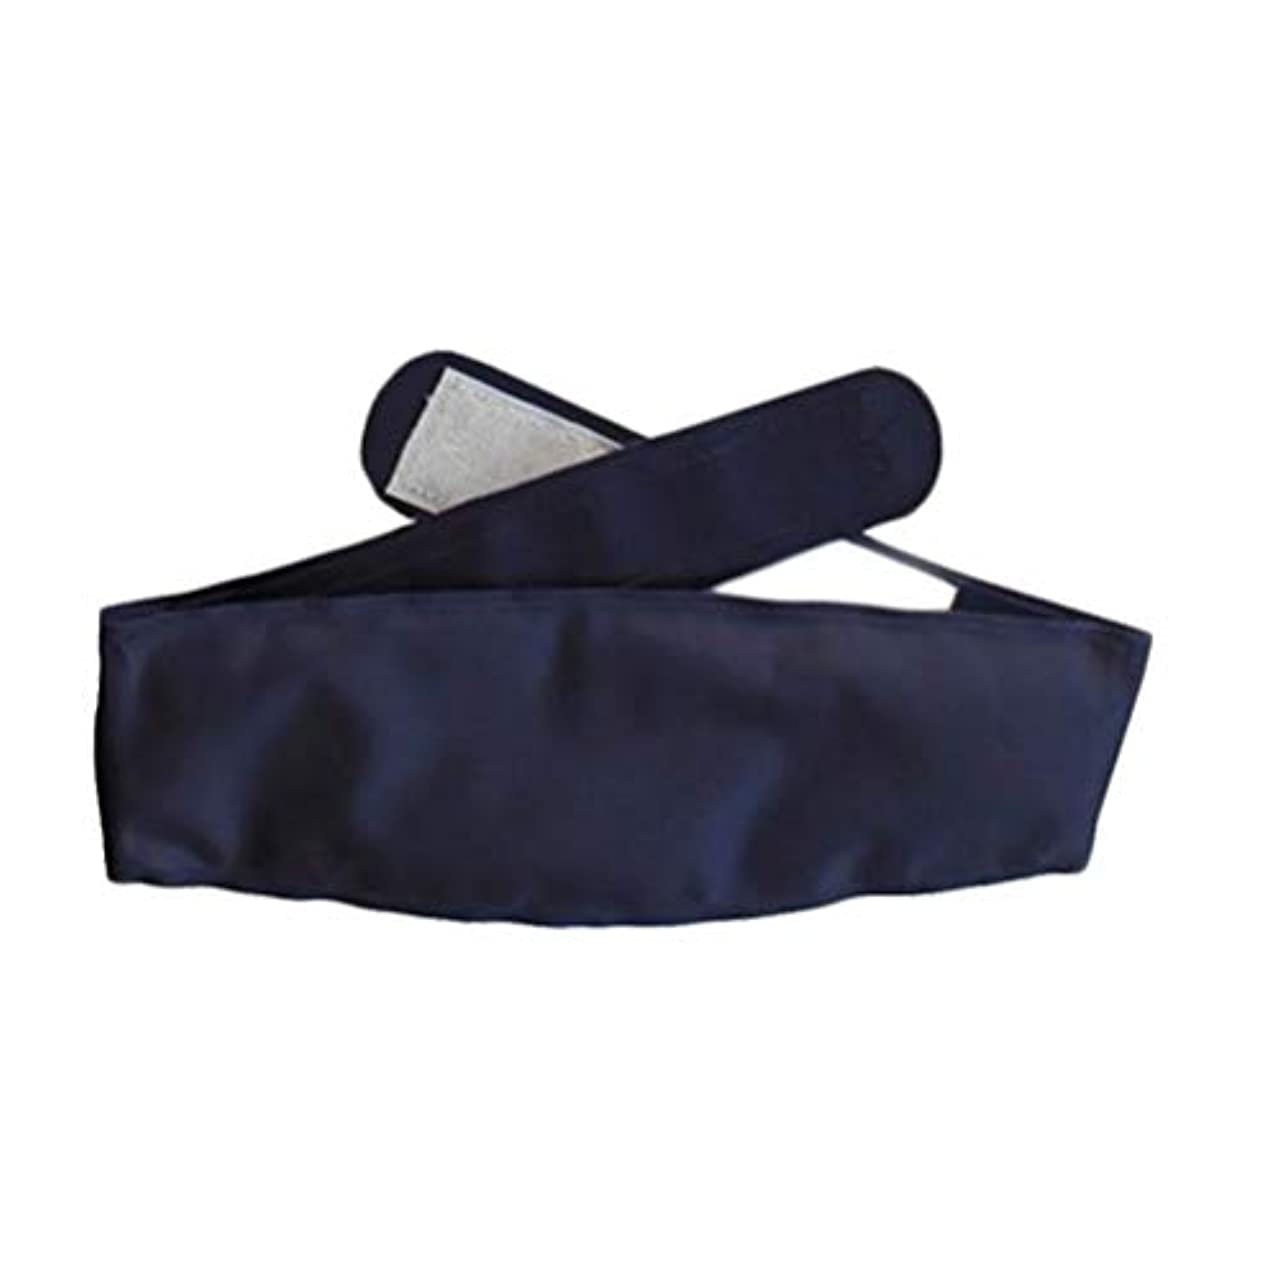 間に合わせ梨ドームHealifty コールドジェルはアイスパッドにストラップを詰めますオーバーヒート傷害のためのホットコールドセラピー応急処置痛み腫れあざ捻rain炎症痛みの緩和